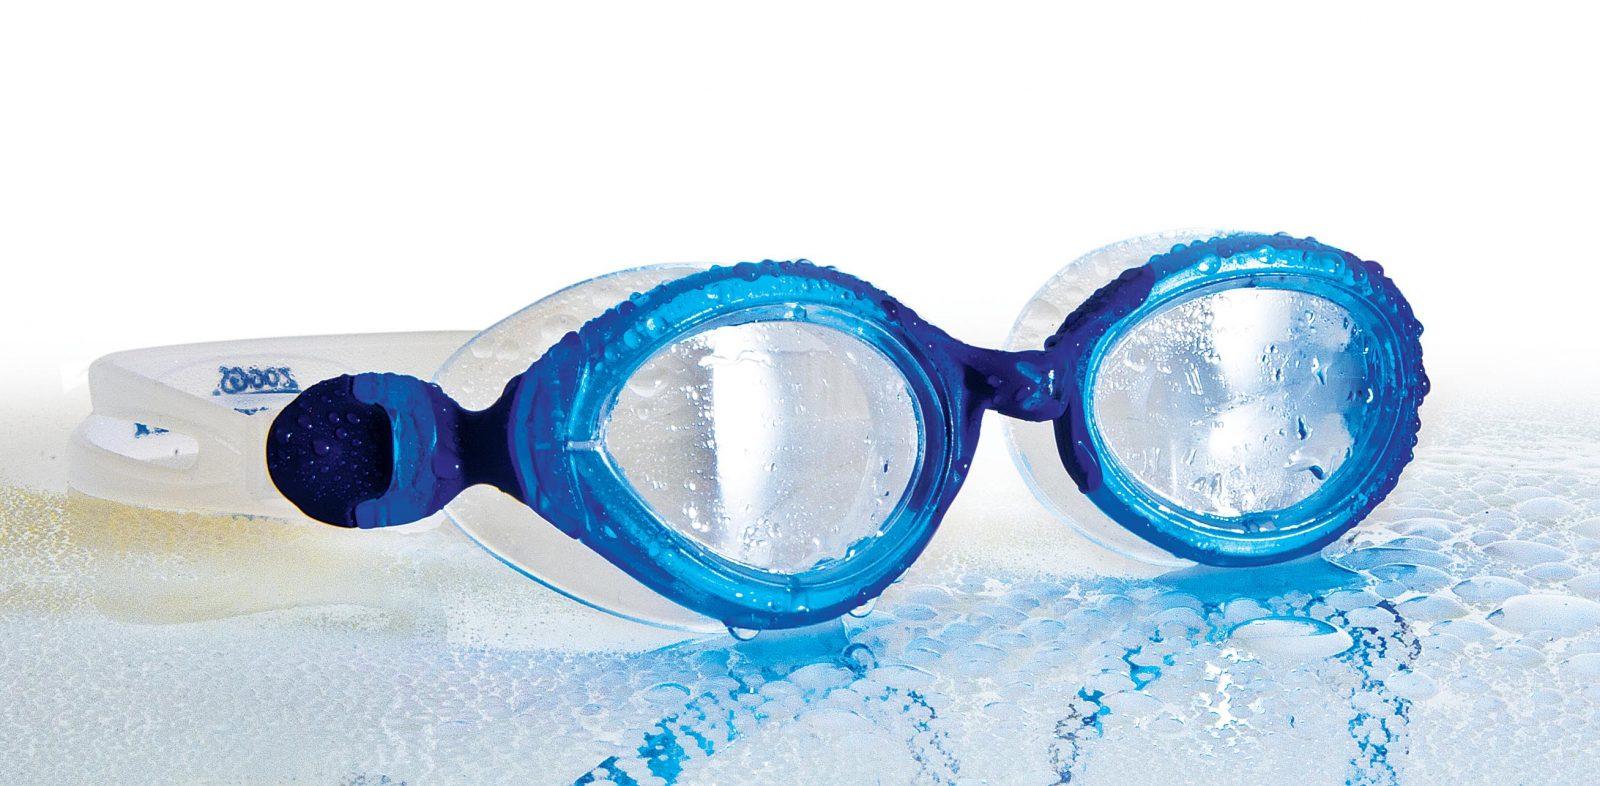 Плавательные сине-белые очки